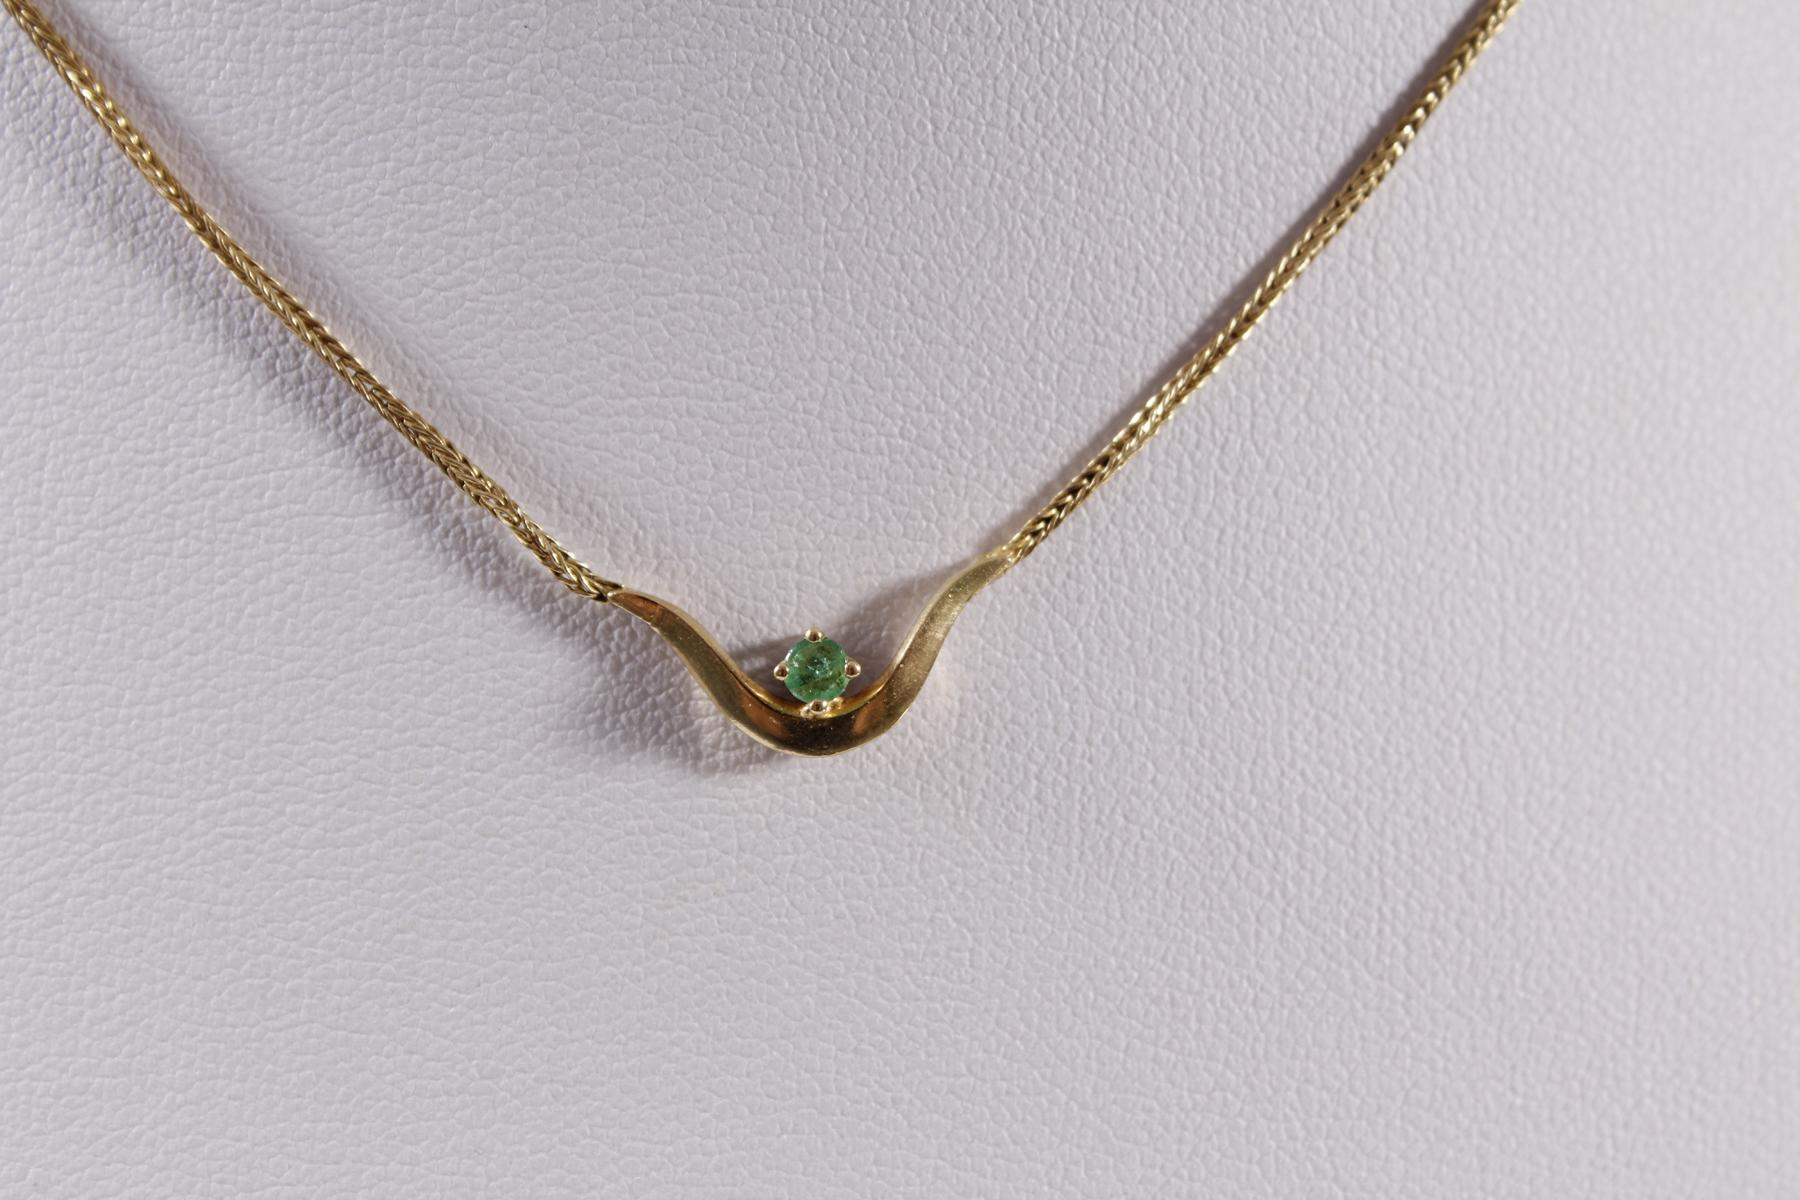 Collier mit Smaragd, 18 Karat Gelbgold-2